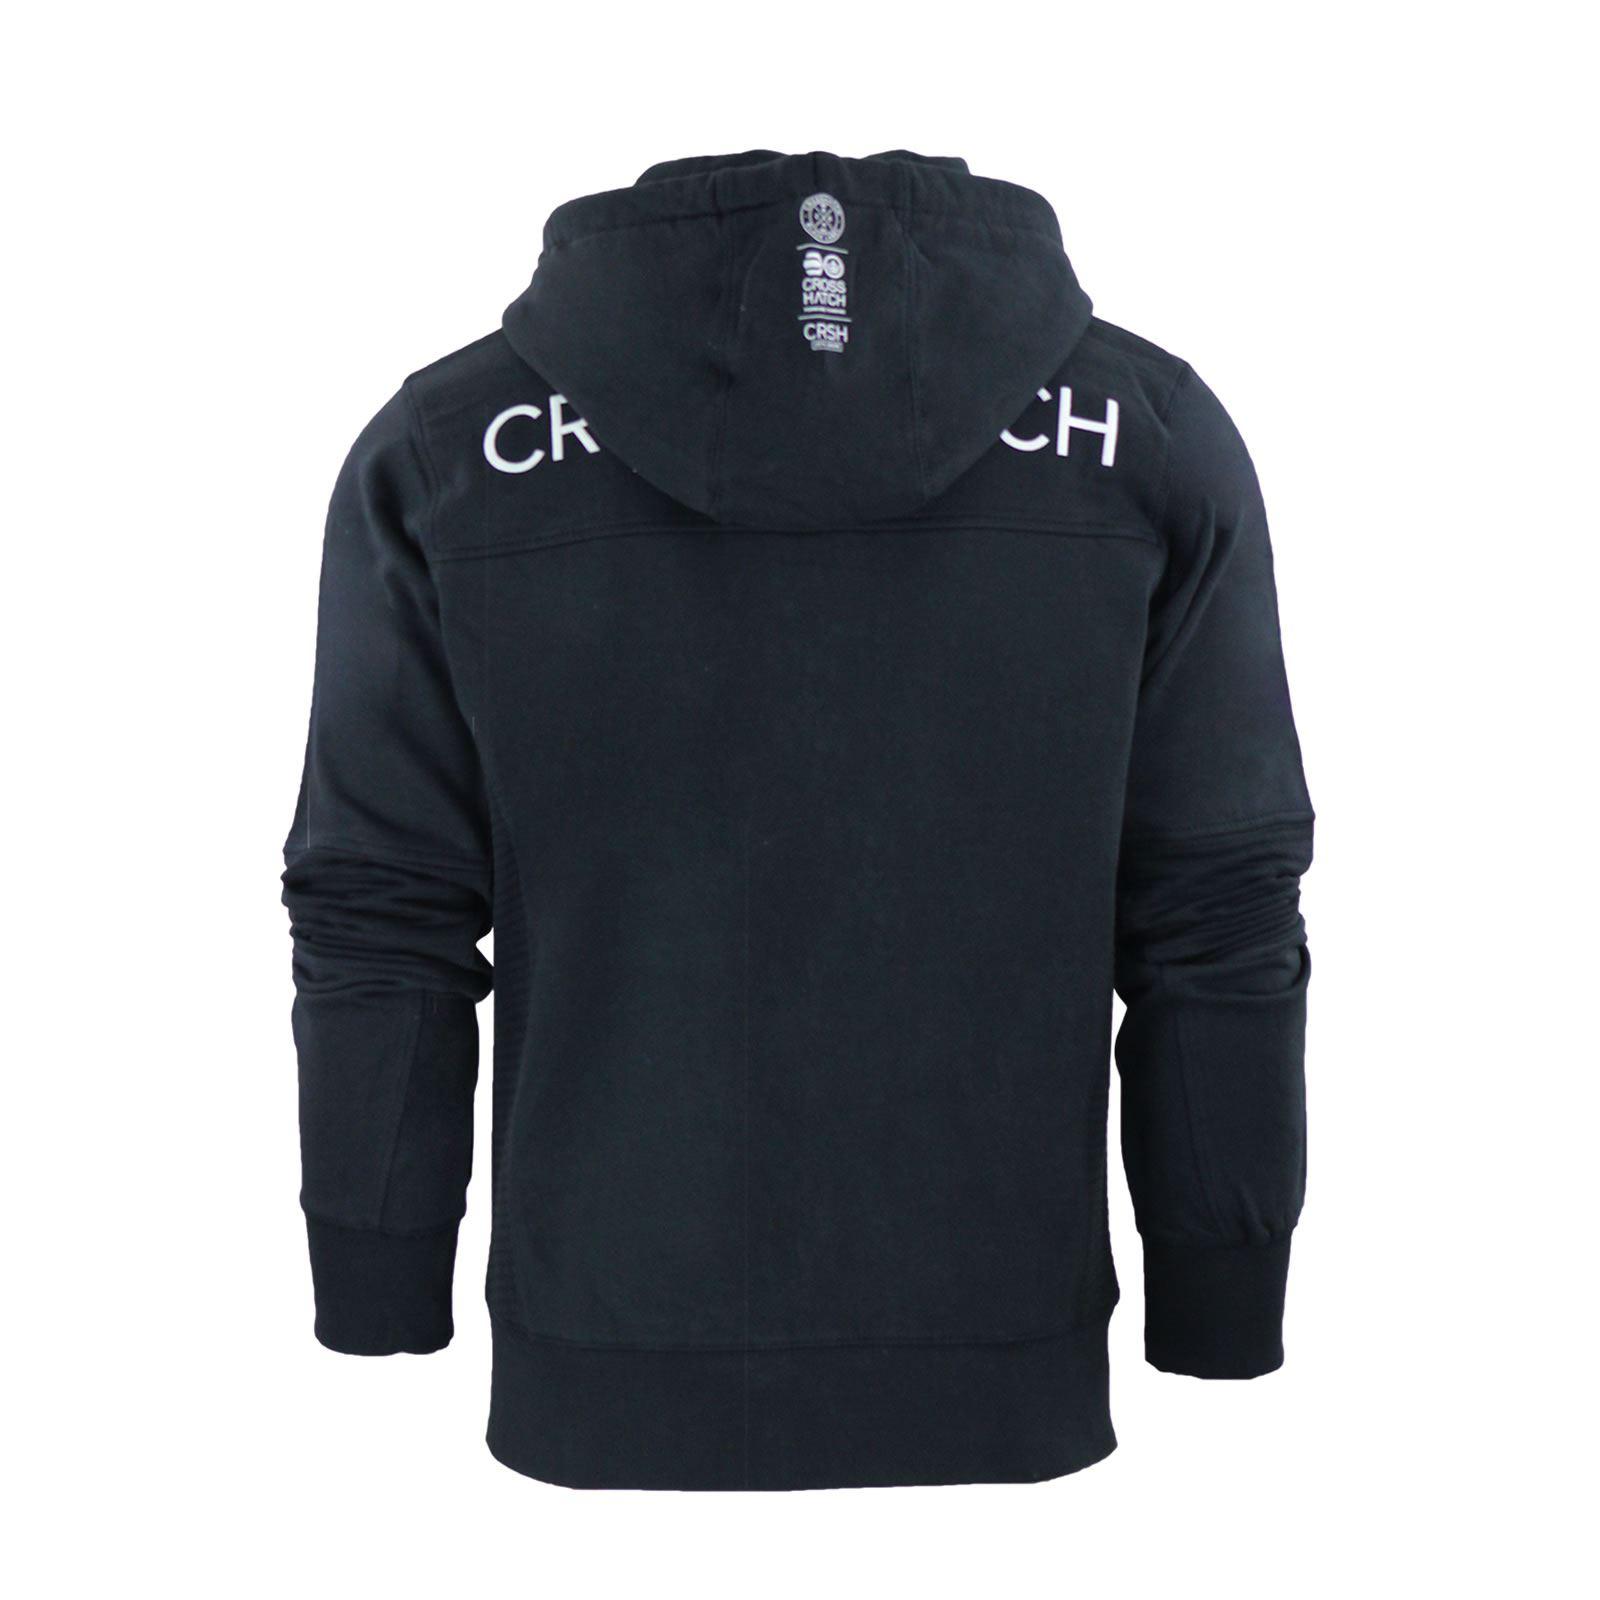 Mens-Hoodie-Crosshatch-Ribbler-Zip-Up-Hooded-Jacket-Pullover-Jumper-Sweatershirt thumbnail 19